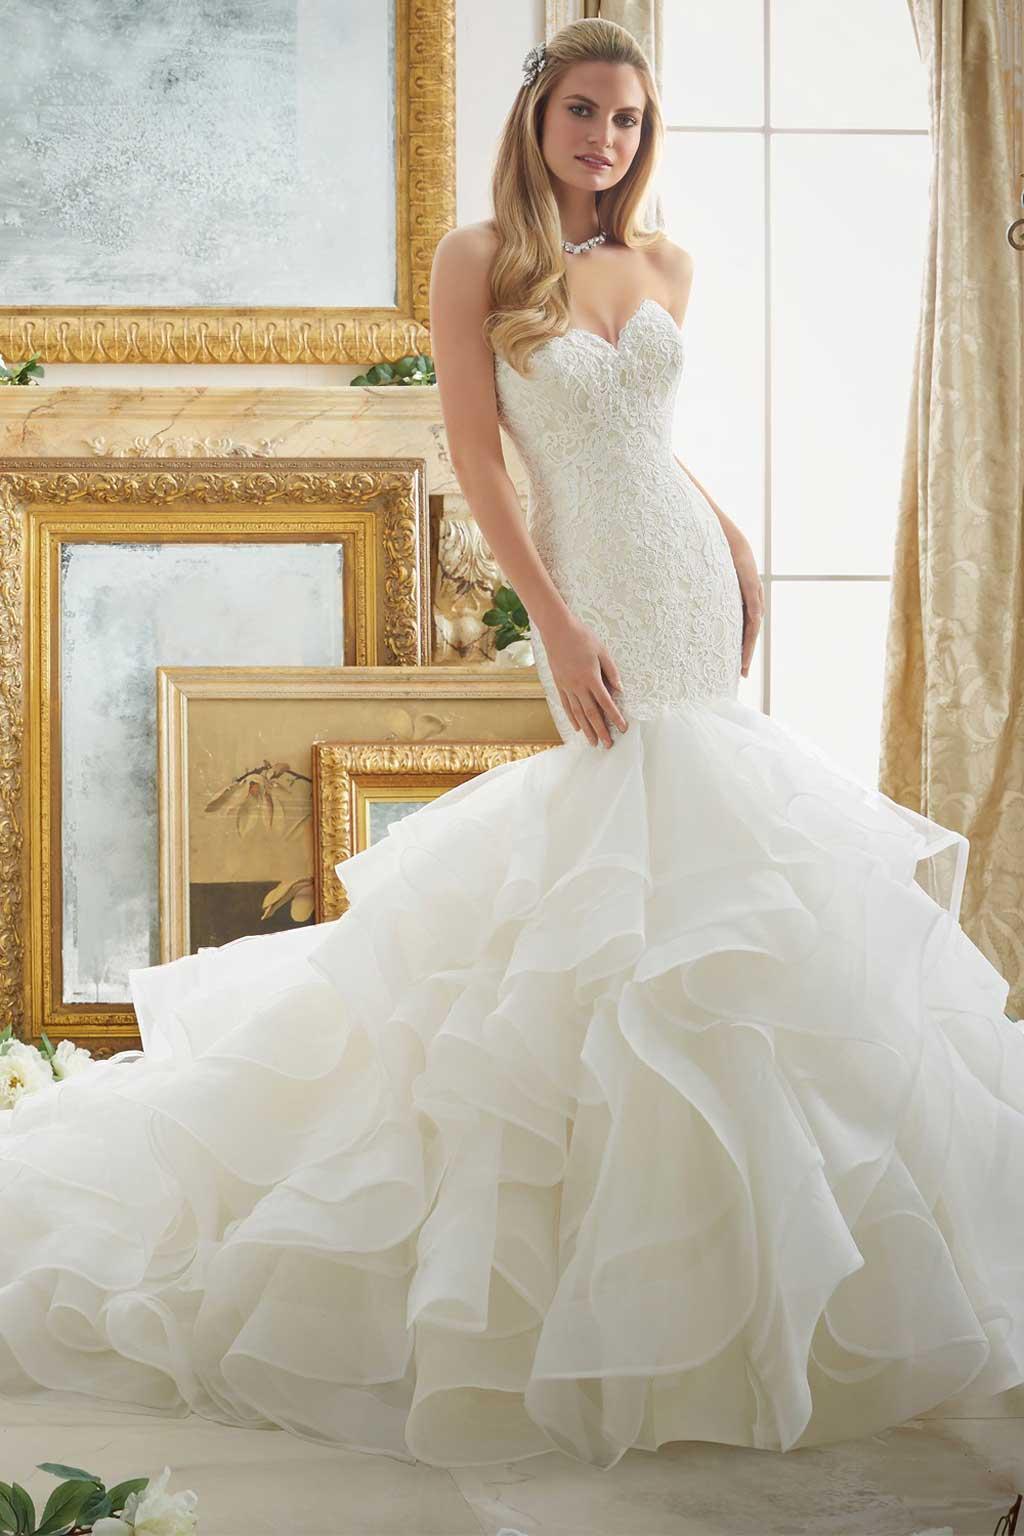 Váy dáng cá cúp ngực  Top những mẫu áo cưới đẹp nhất ai cũng muốn mặc.